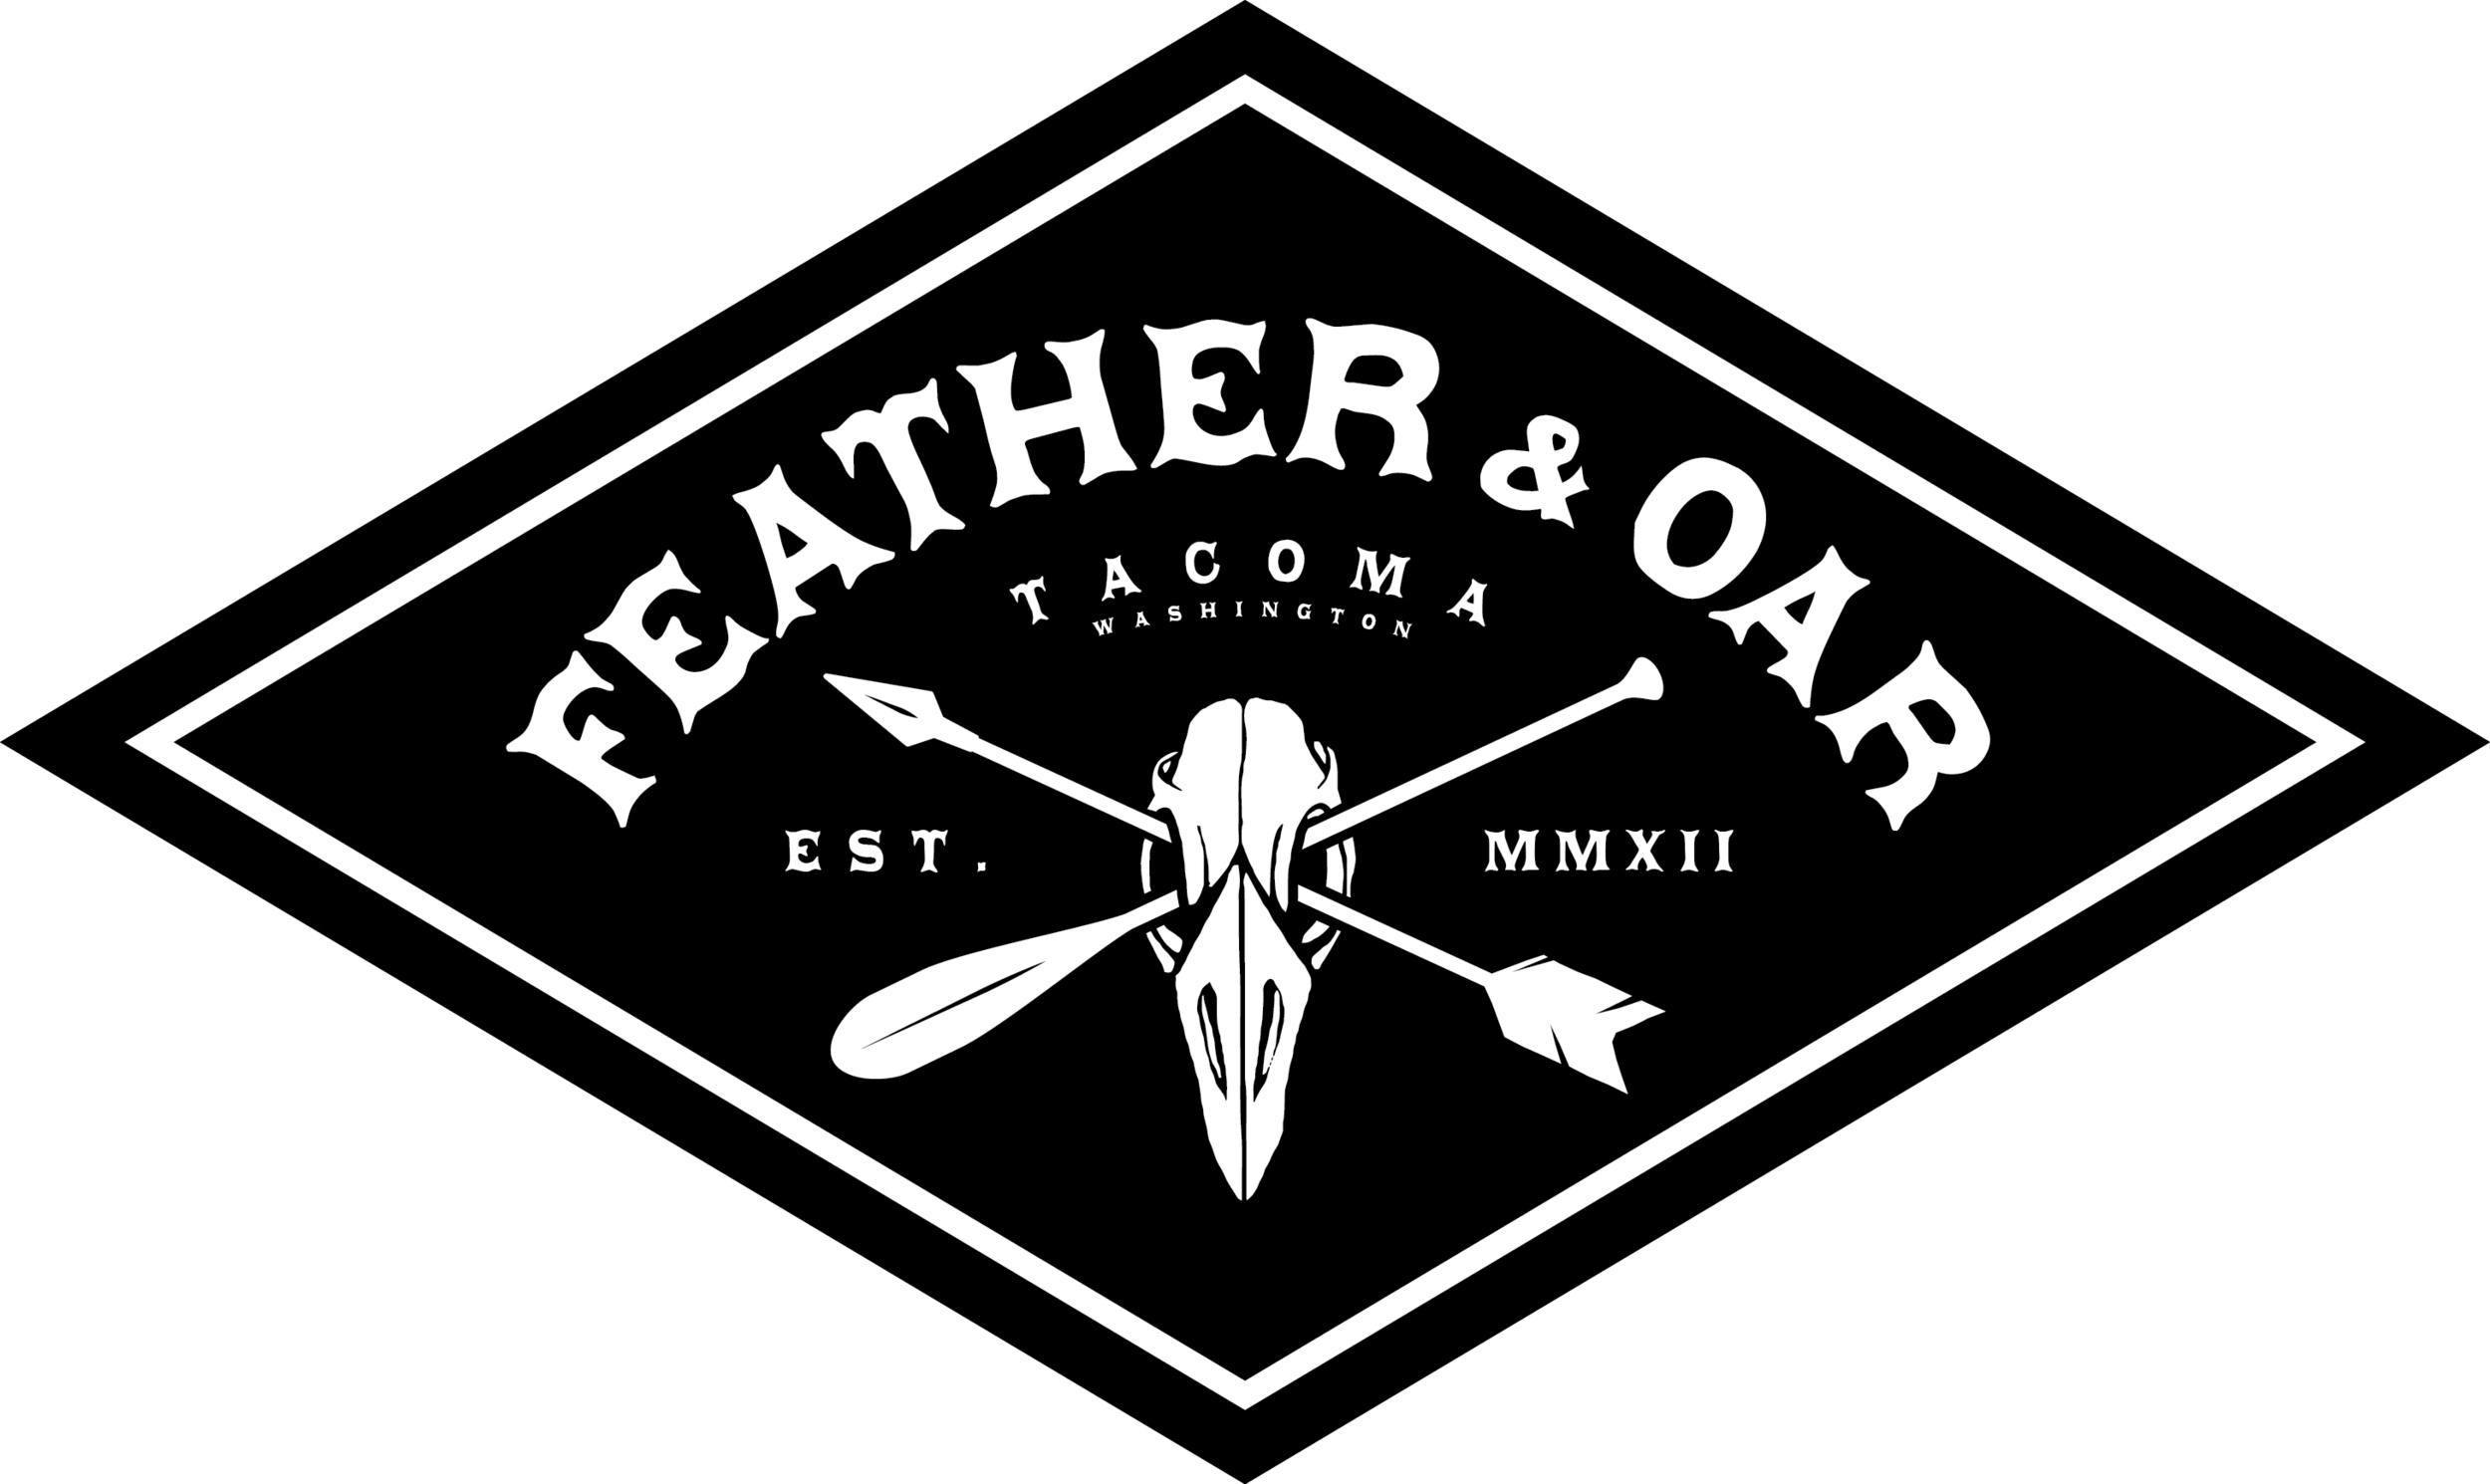 Feather & Oar - Menswear